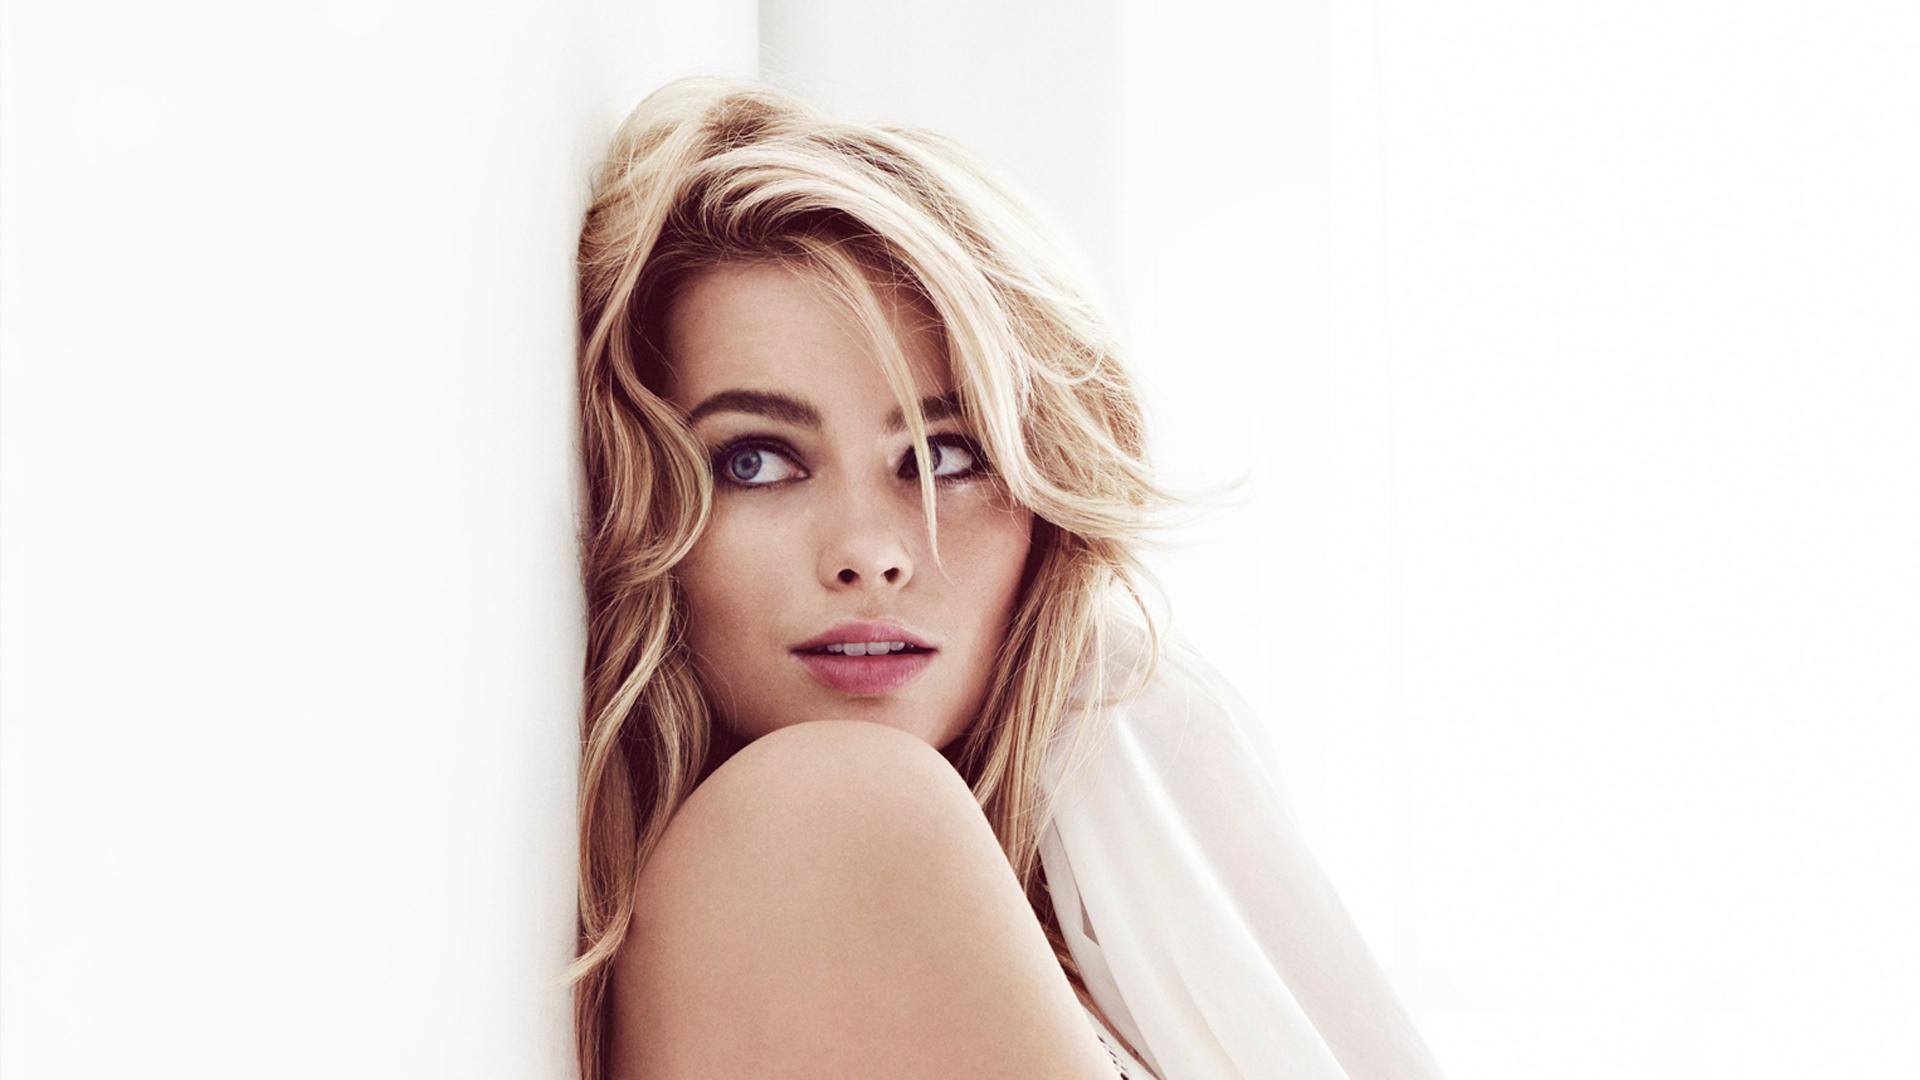 Margot Robbie Hd Pictures